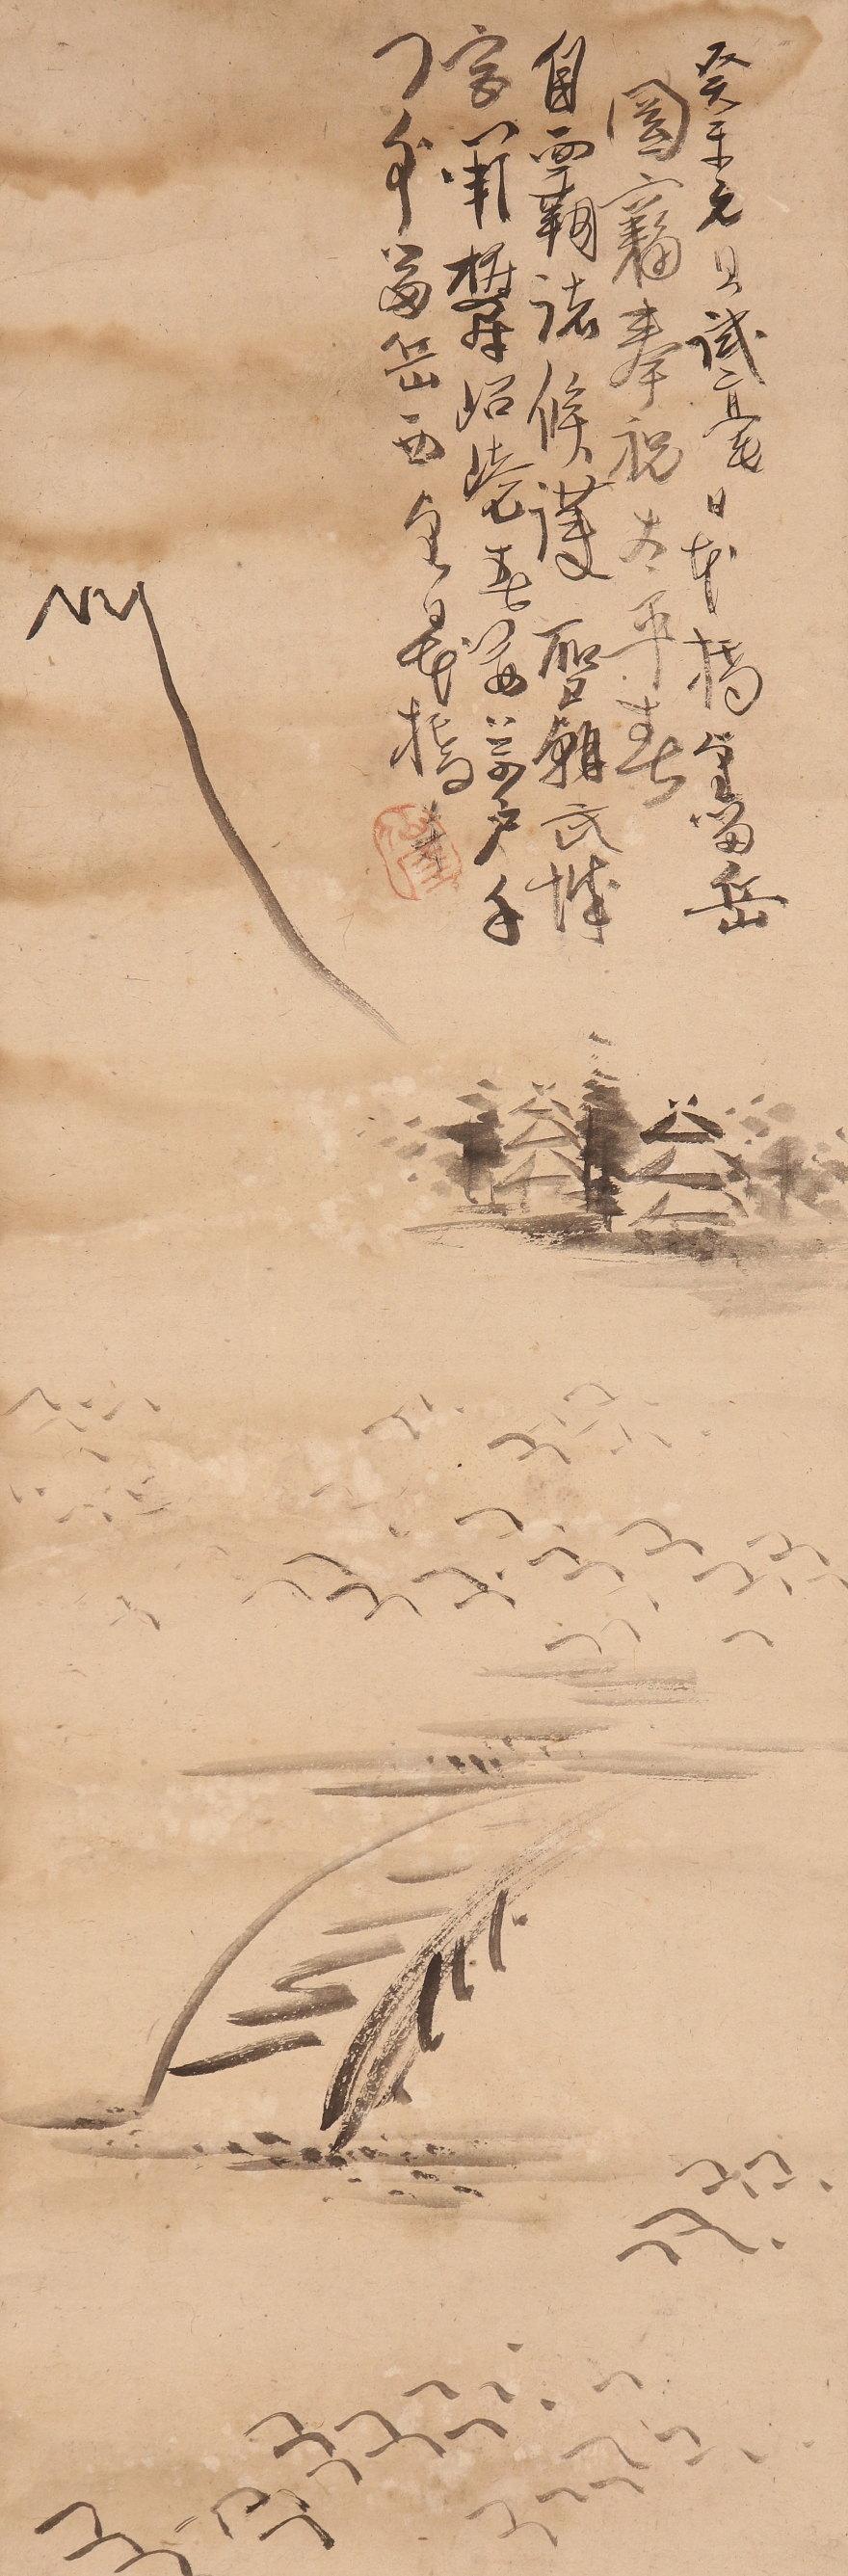 仙厓義梵の画像 p1_1